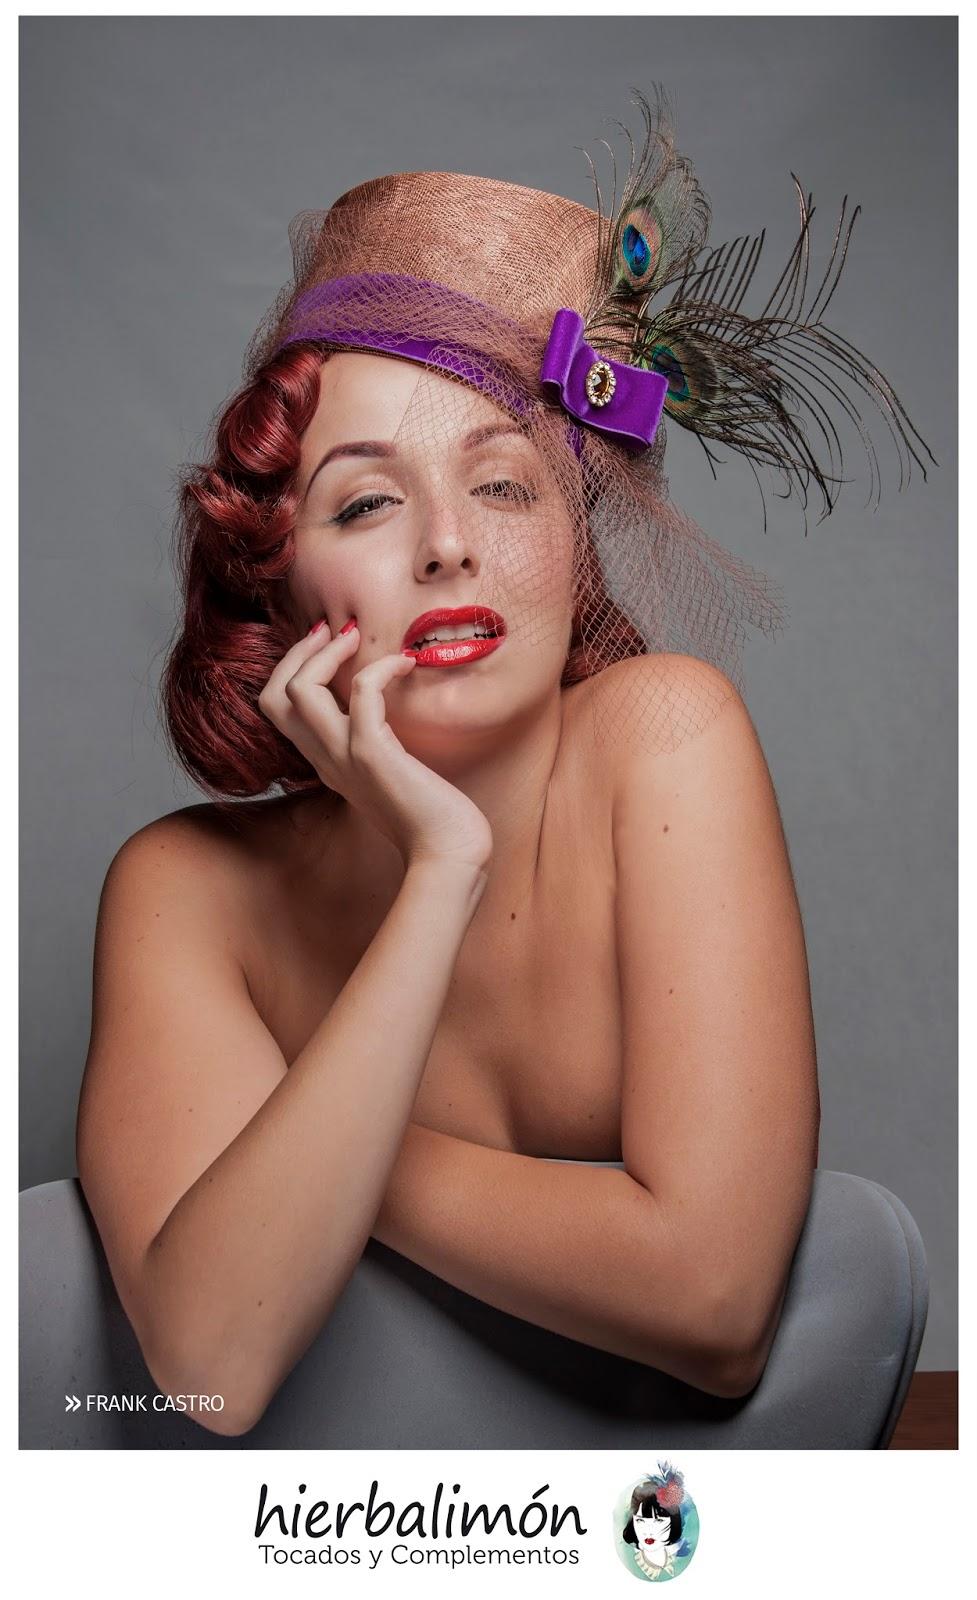 siguiendo con la lnea pinup les dejo este sombrero muy femenino y delicado de copa alta y recta con pluma de pavo real y redecilla